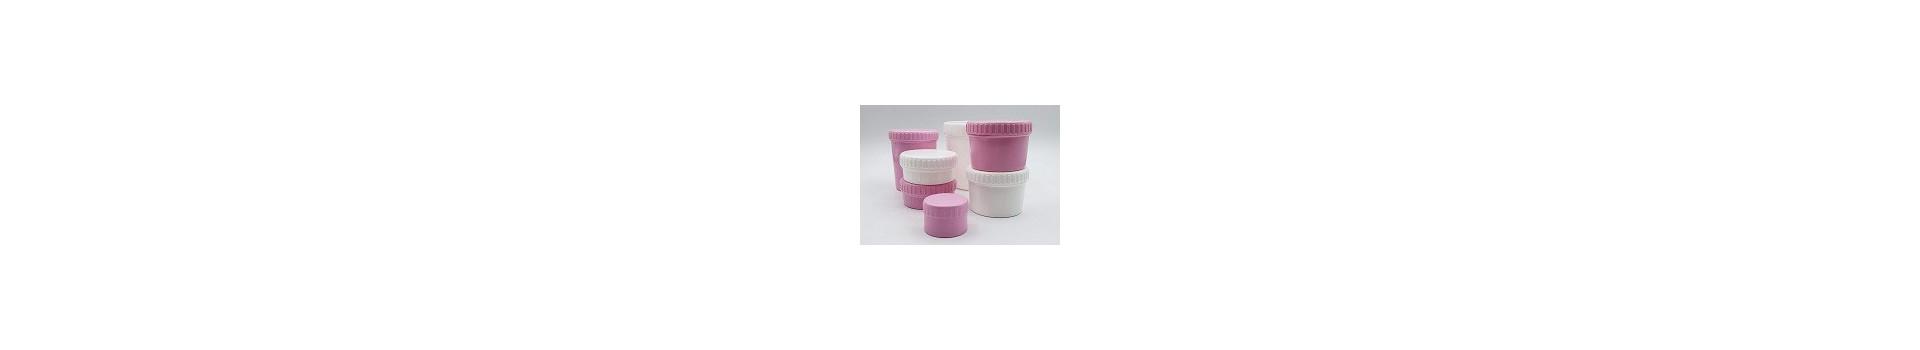 Πλαστικά Φαρμακευτικά Φιαλίδια